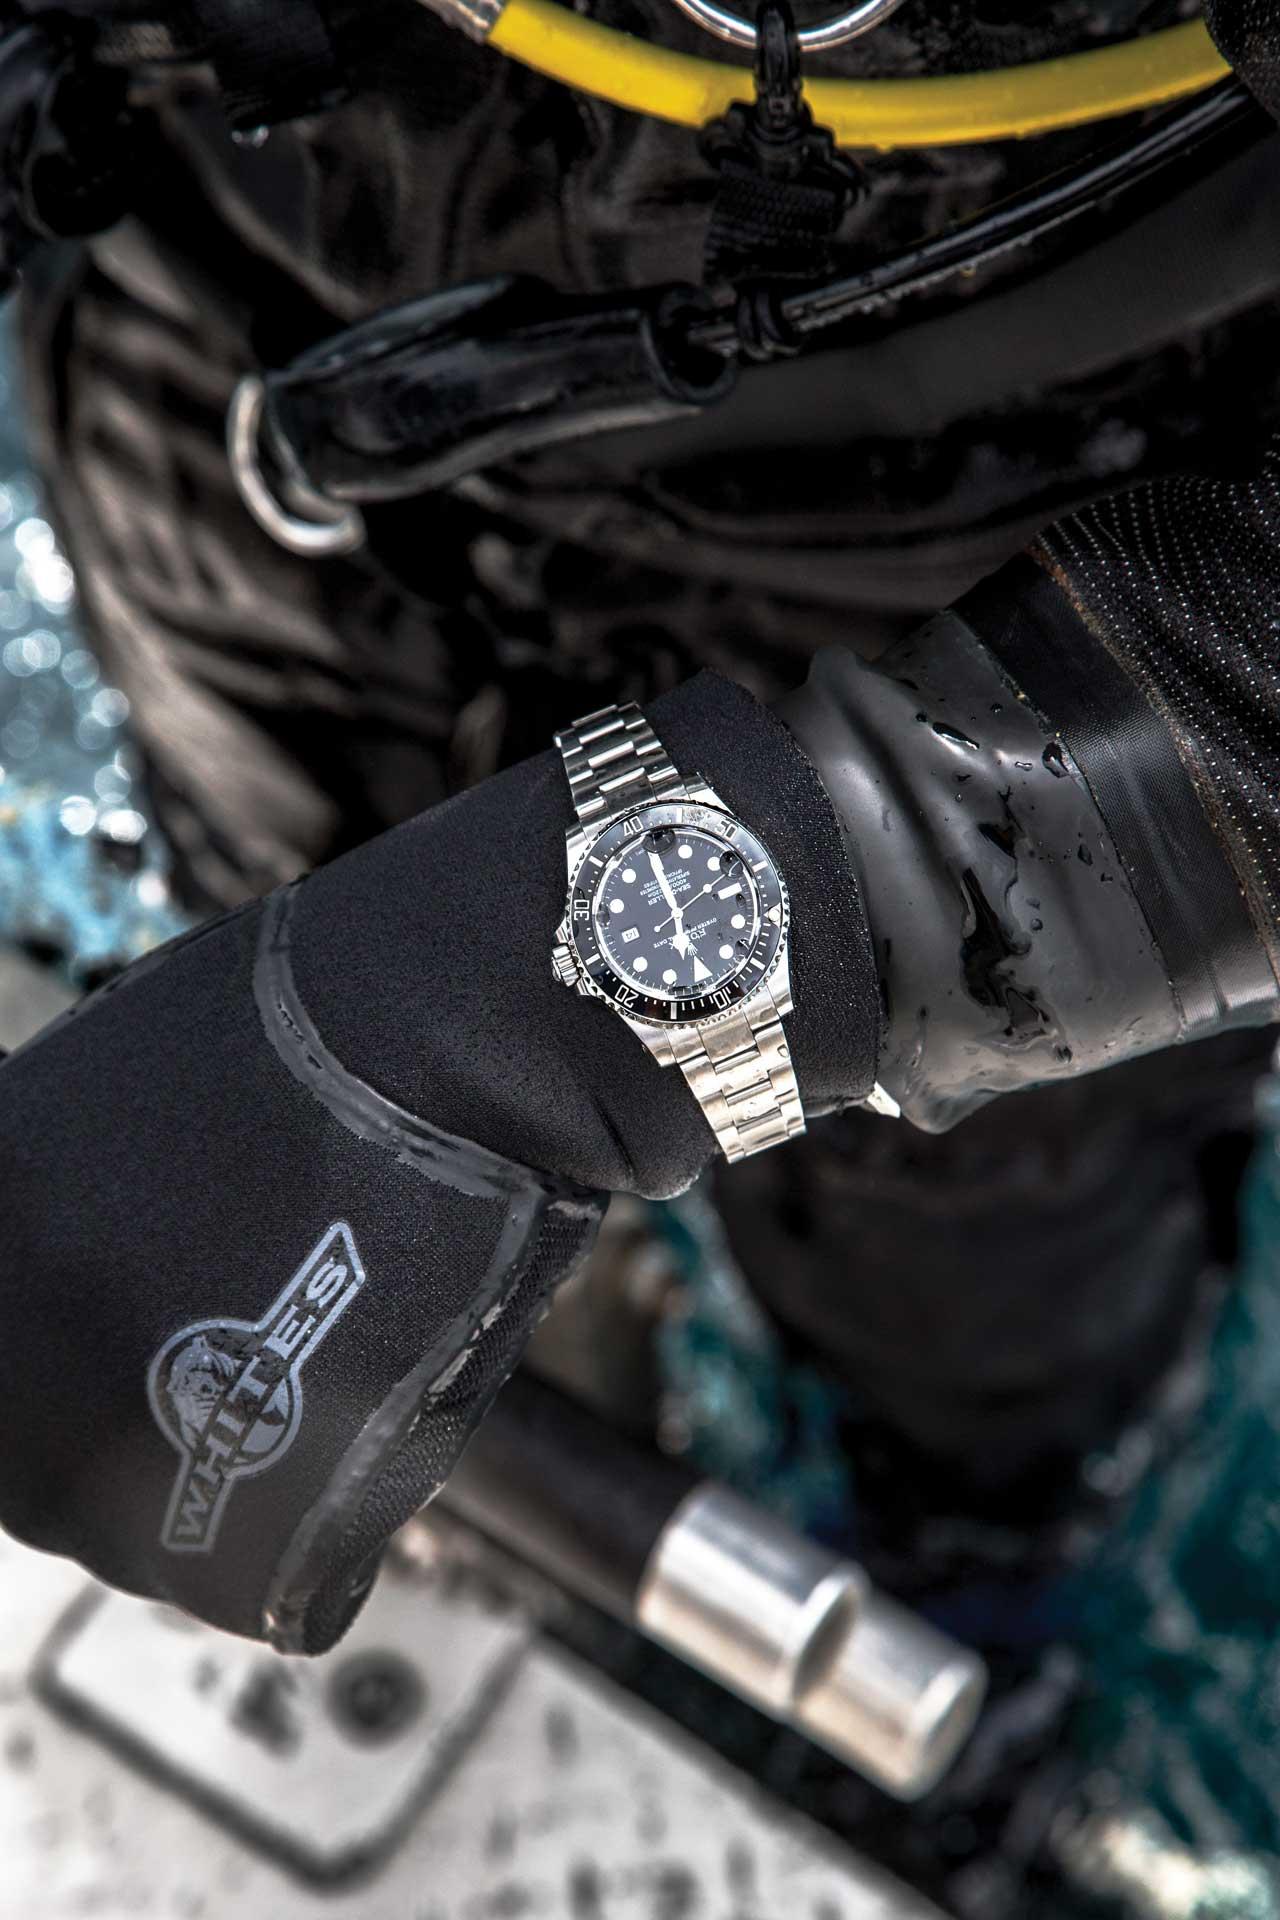 Tìm hiểu tất tần tật thông tin về đồng hồ Rolex Sea-Dweller 4000